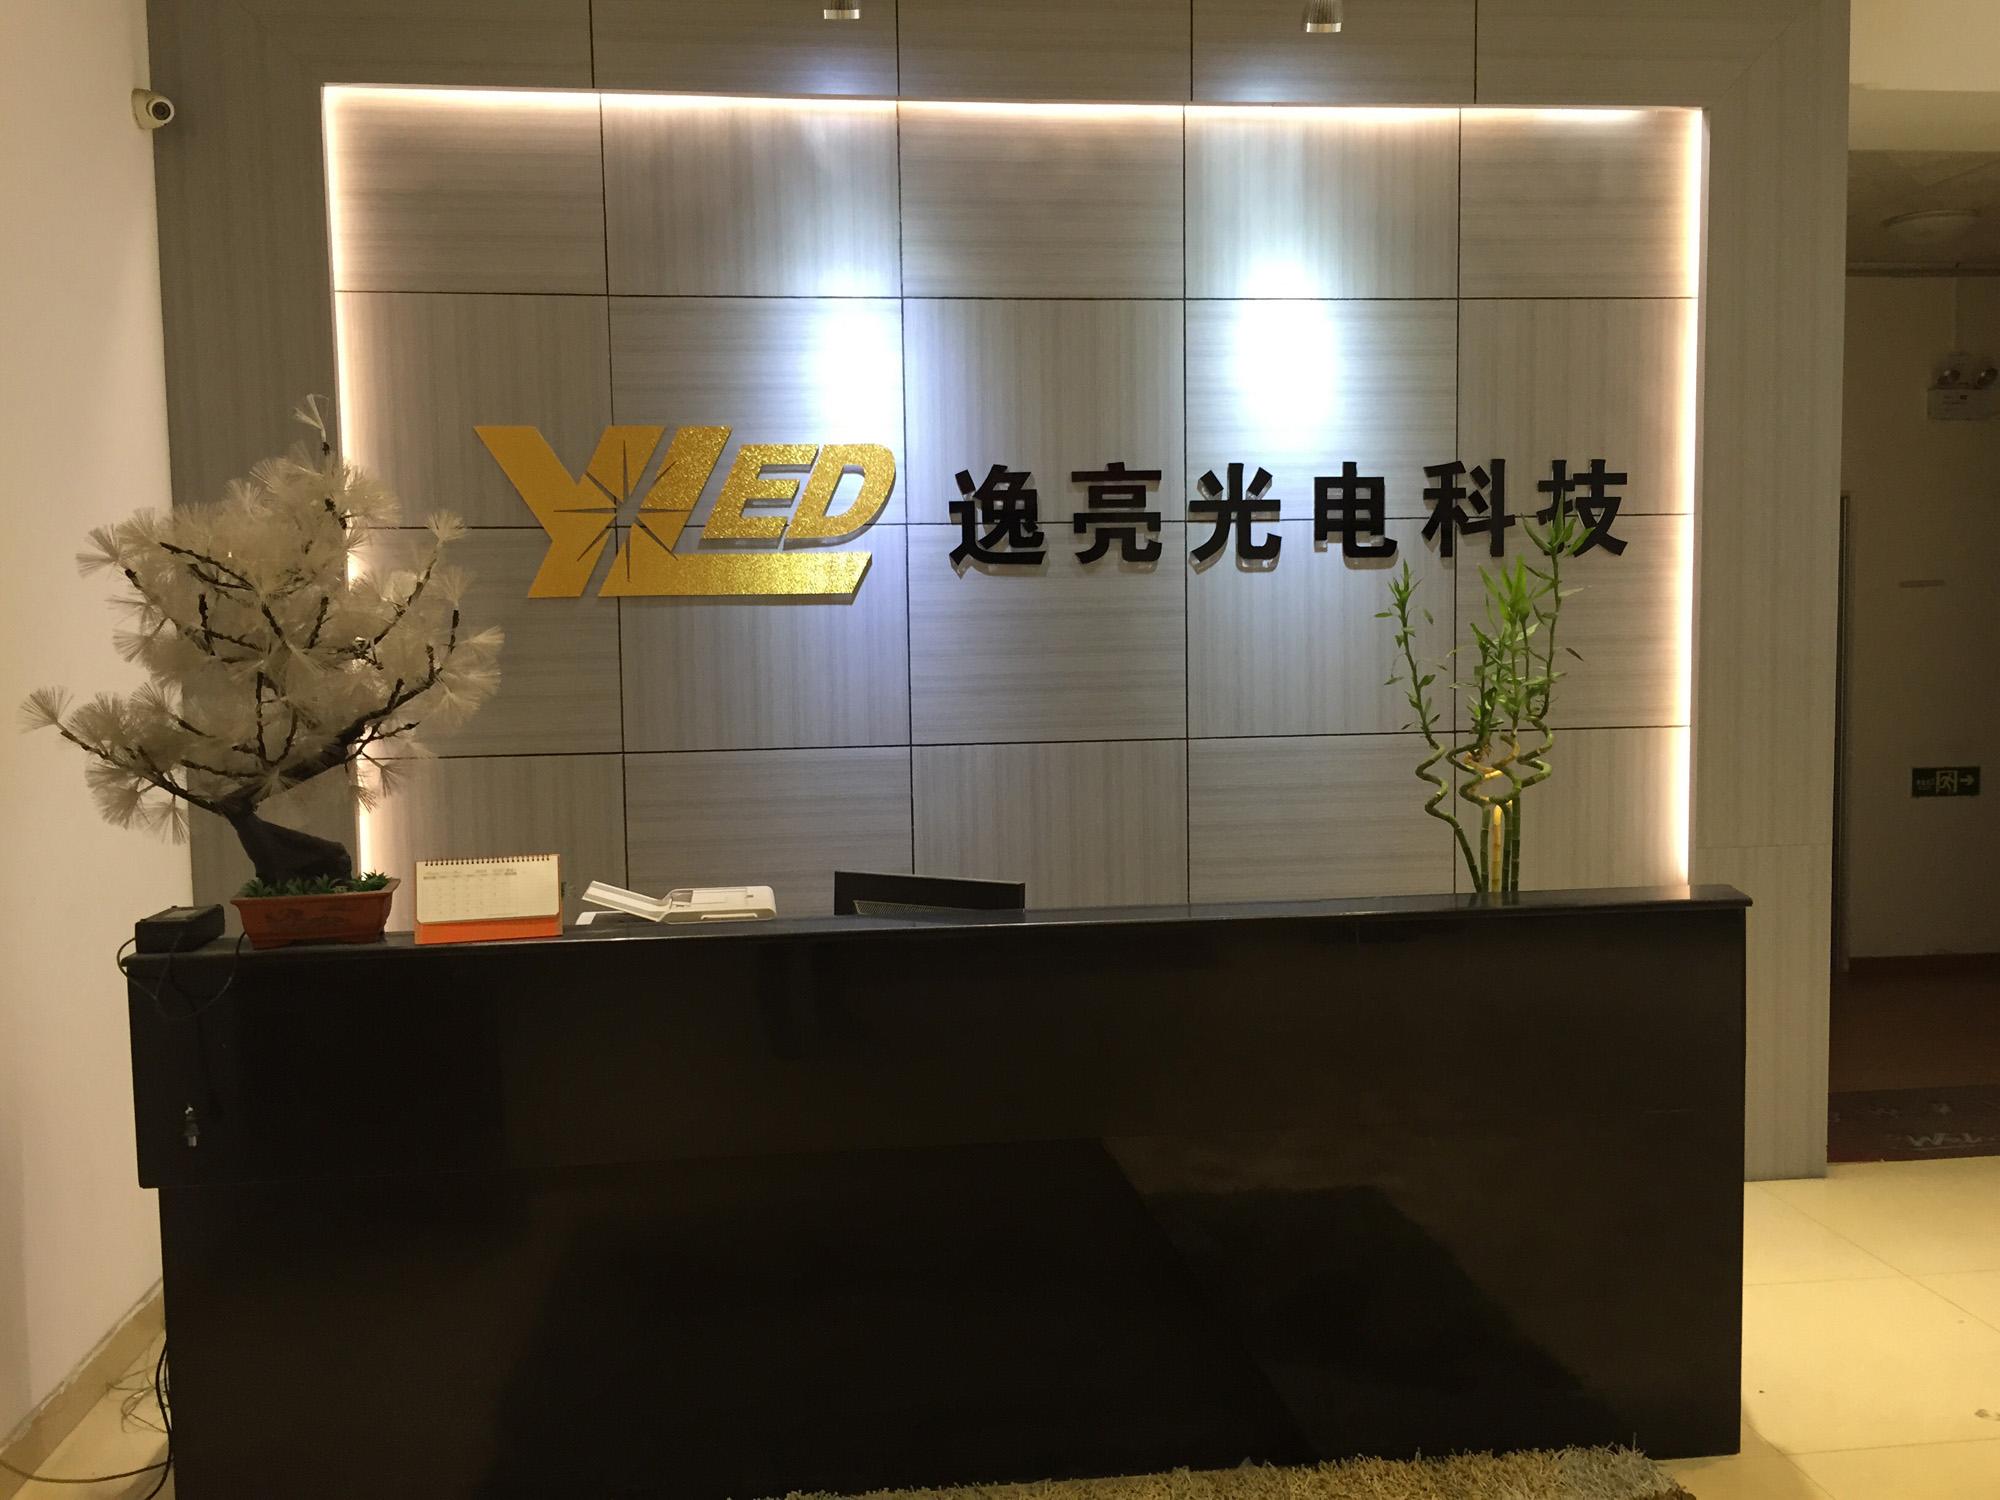 佛山市逸亮光�科技有限公司logo